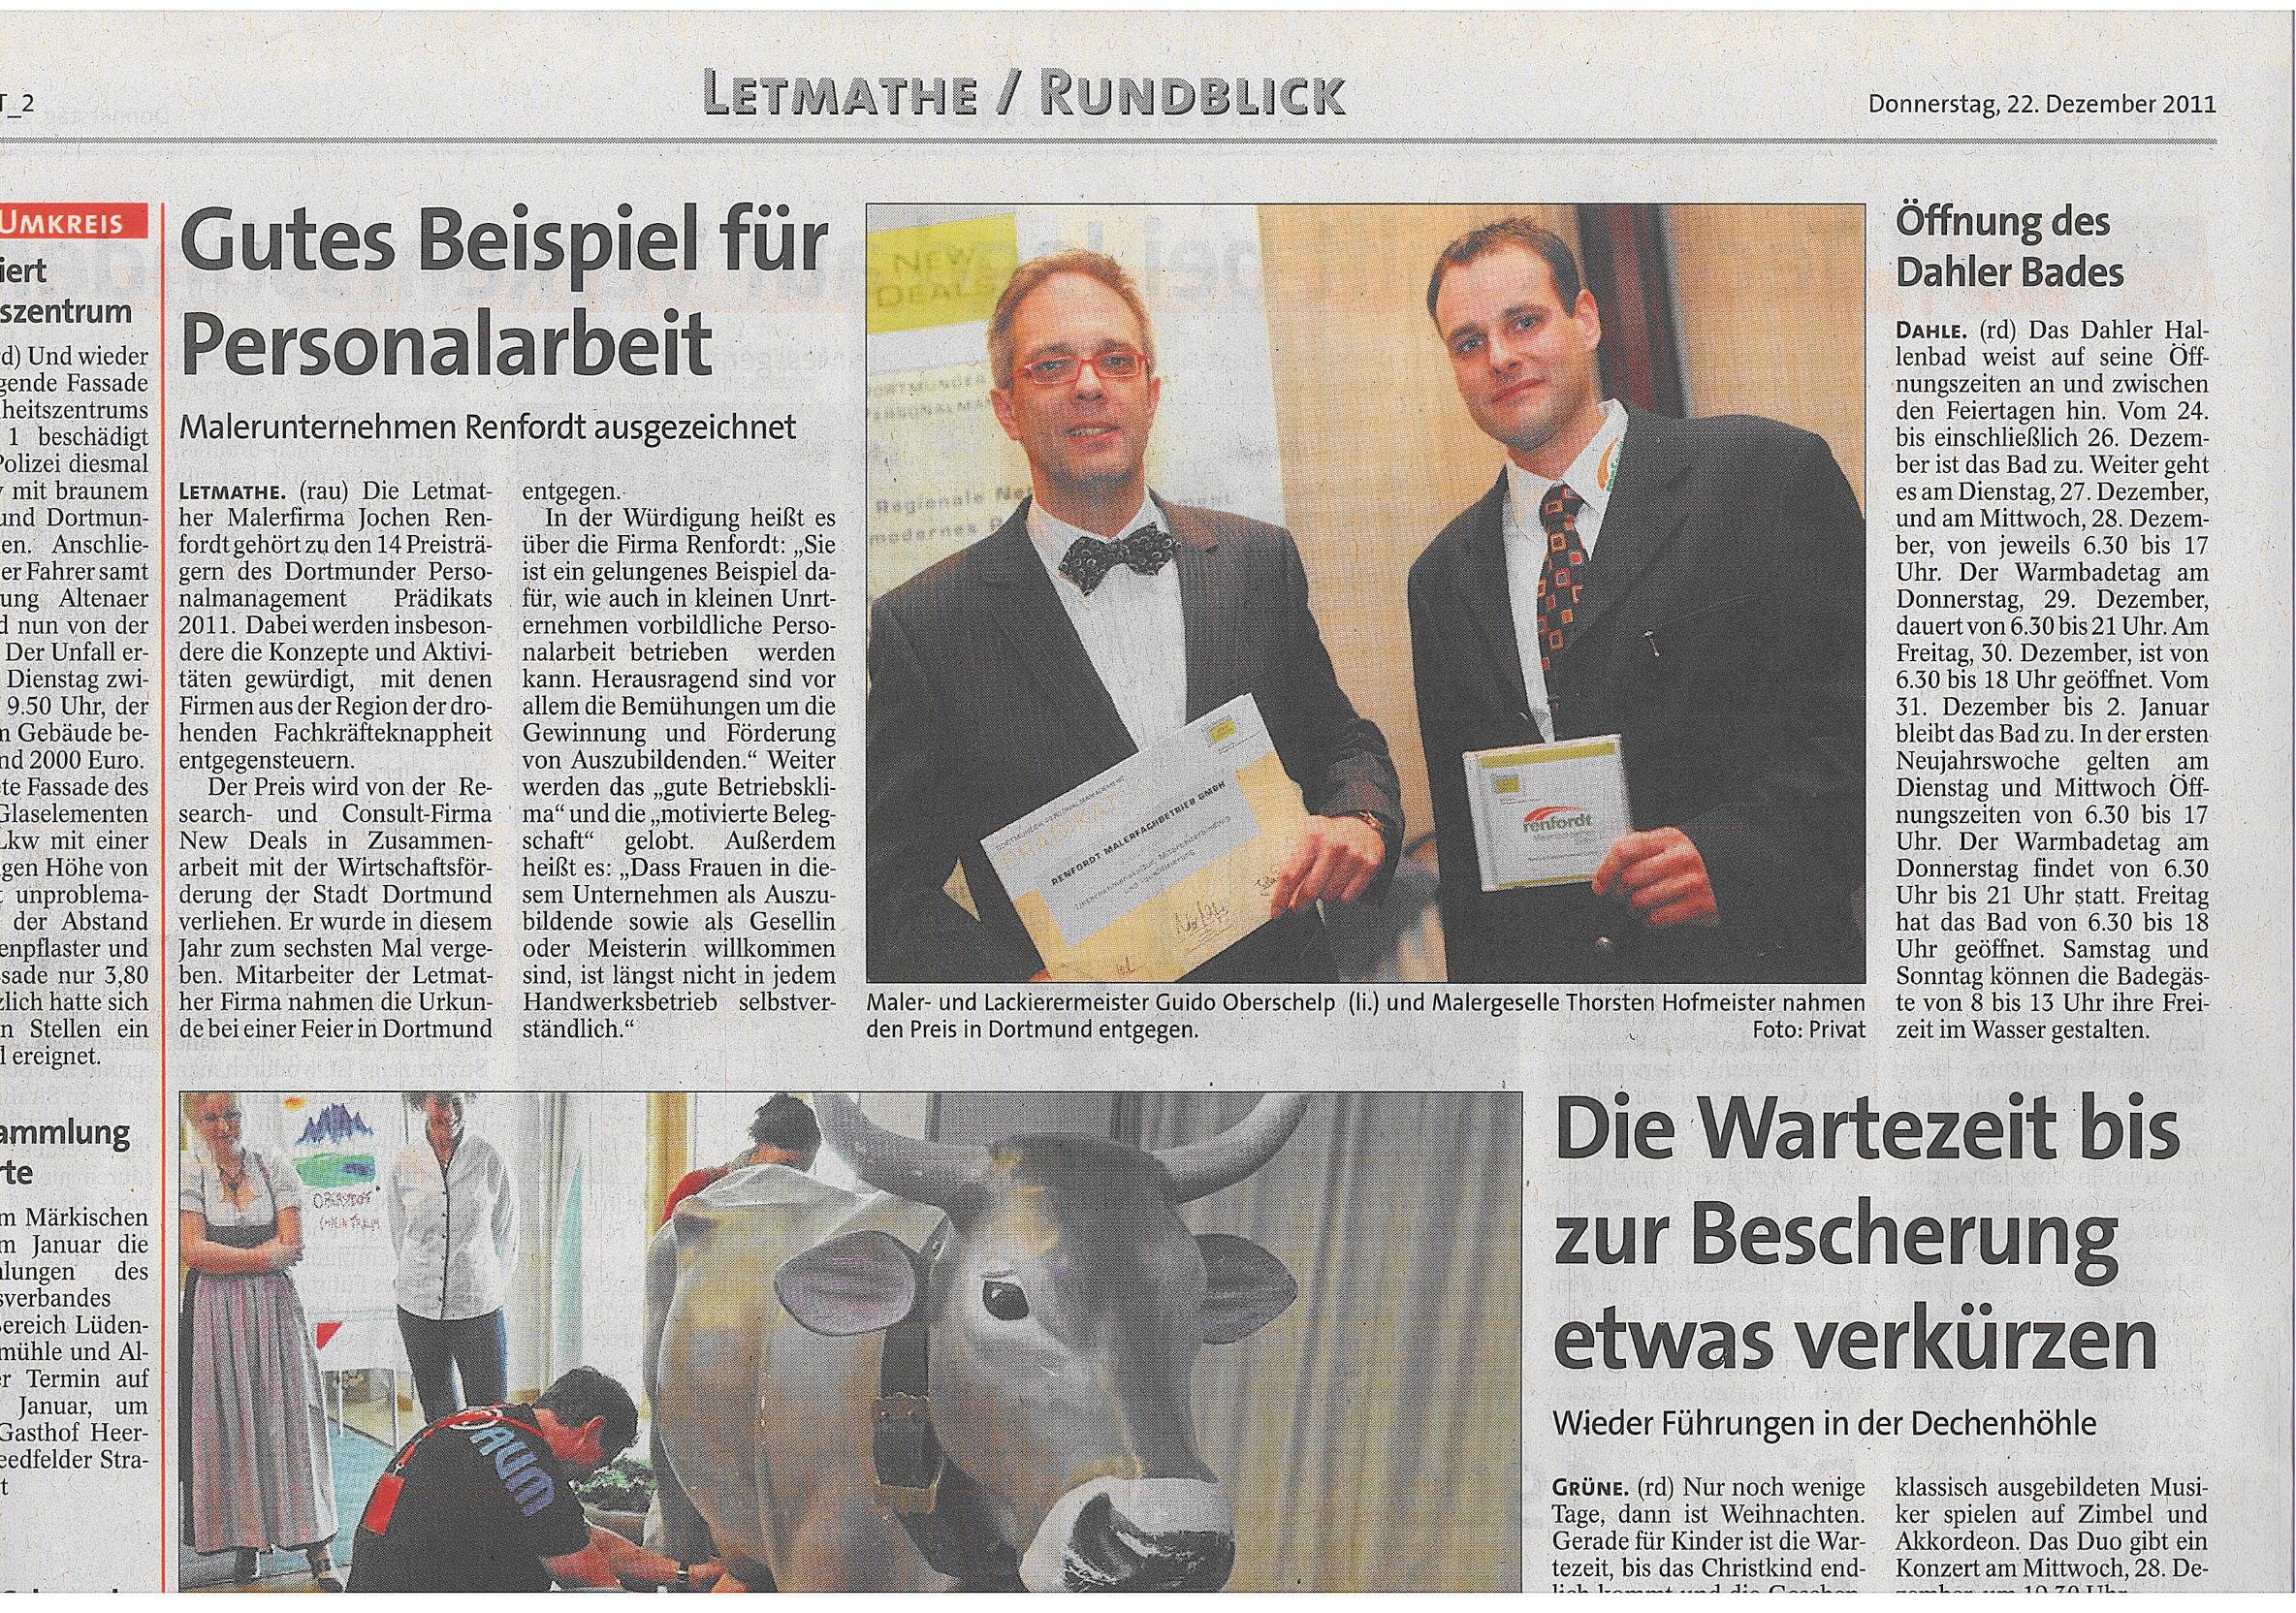 11.12.22 IKZ Personalprädikat renfordt Malerfachbetrieb GmbH